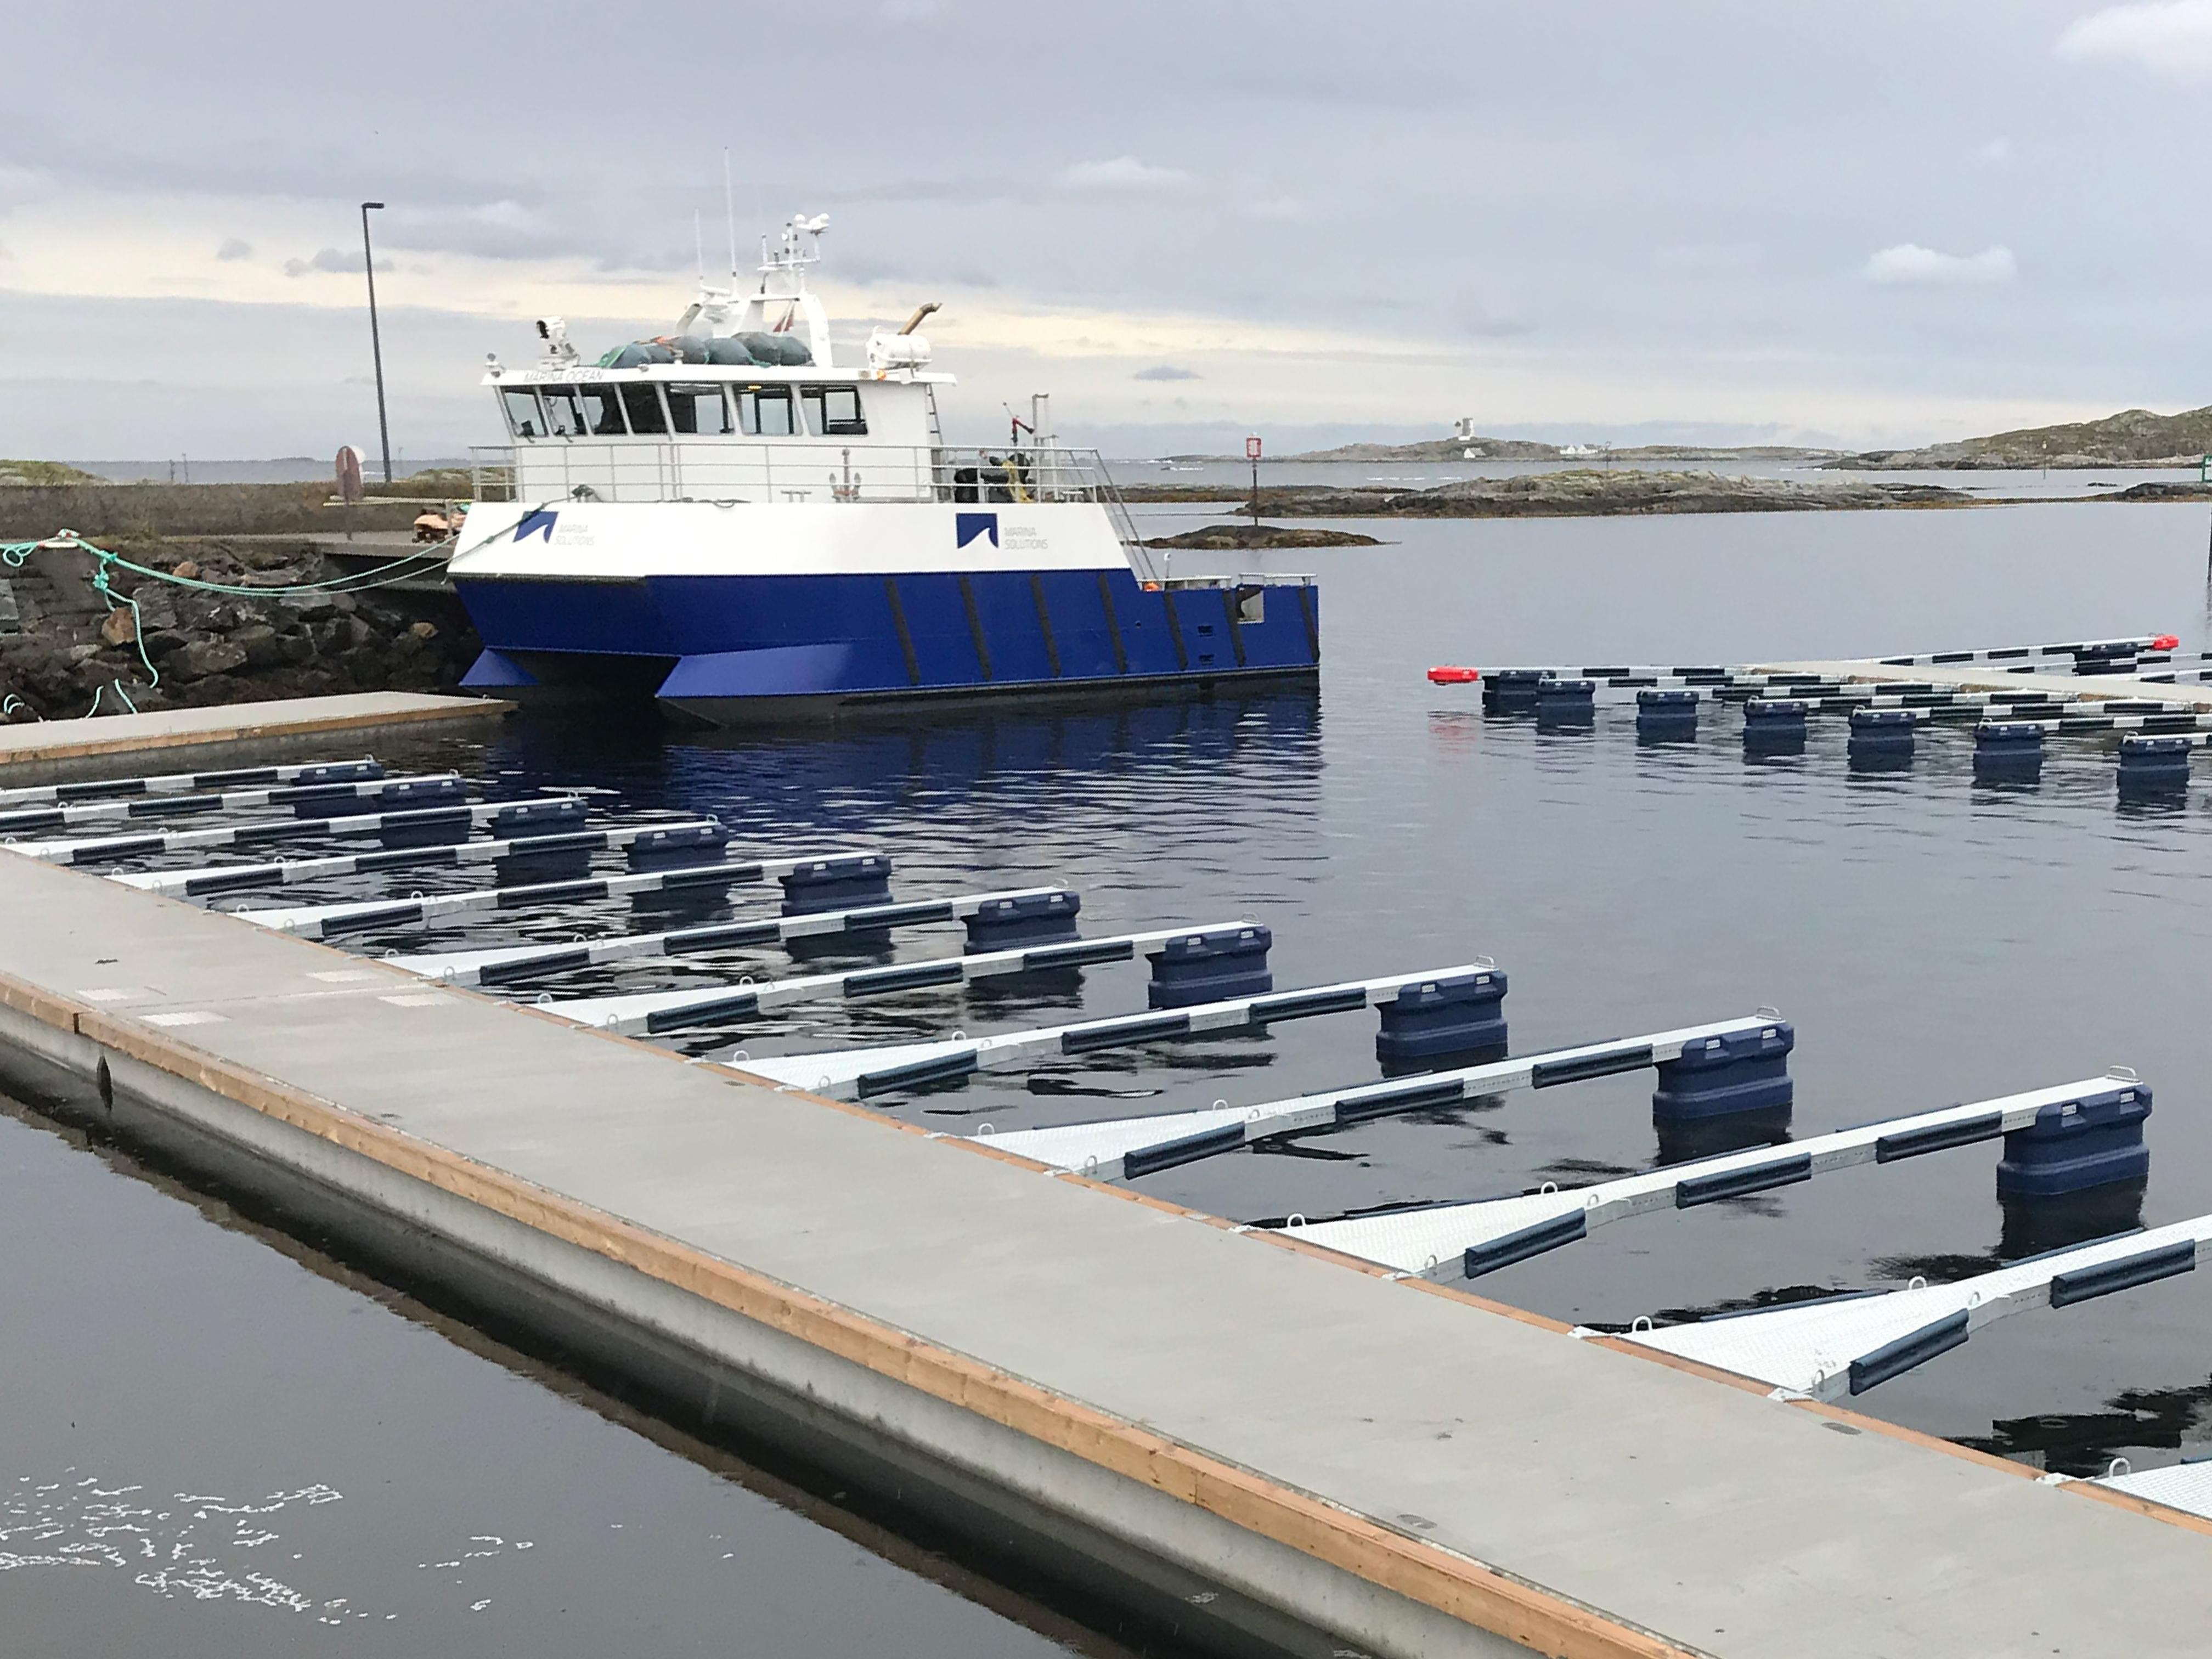 https://www.marinasolutions.no/uploads/Kråkholmen-småbåt-lag-marina-solutions-betongbrygger-betongflytebrygger-spesialvinkel-2.jpg